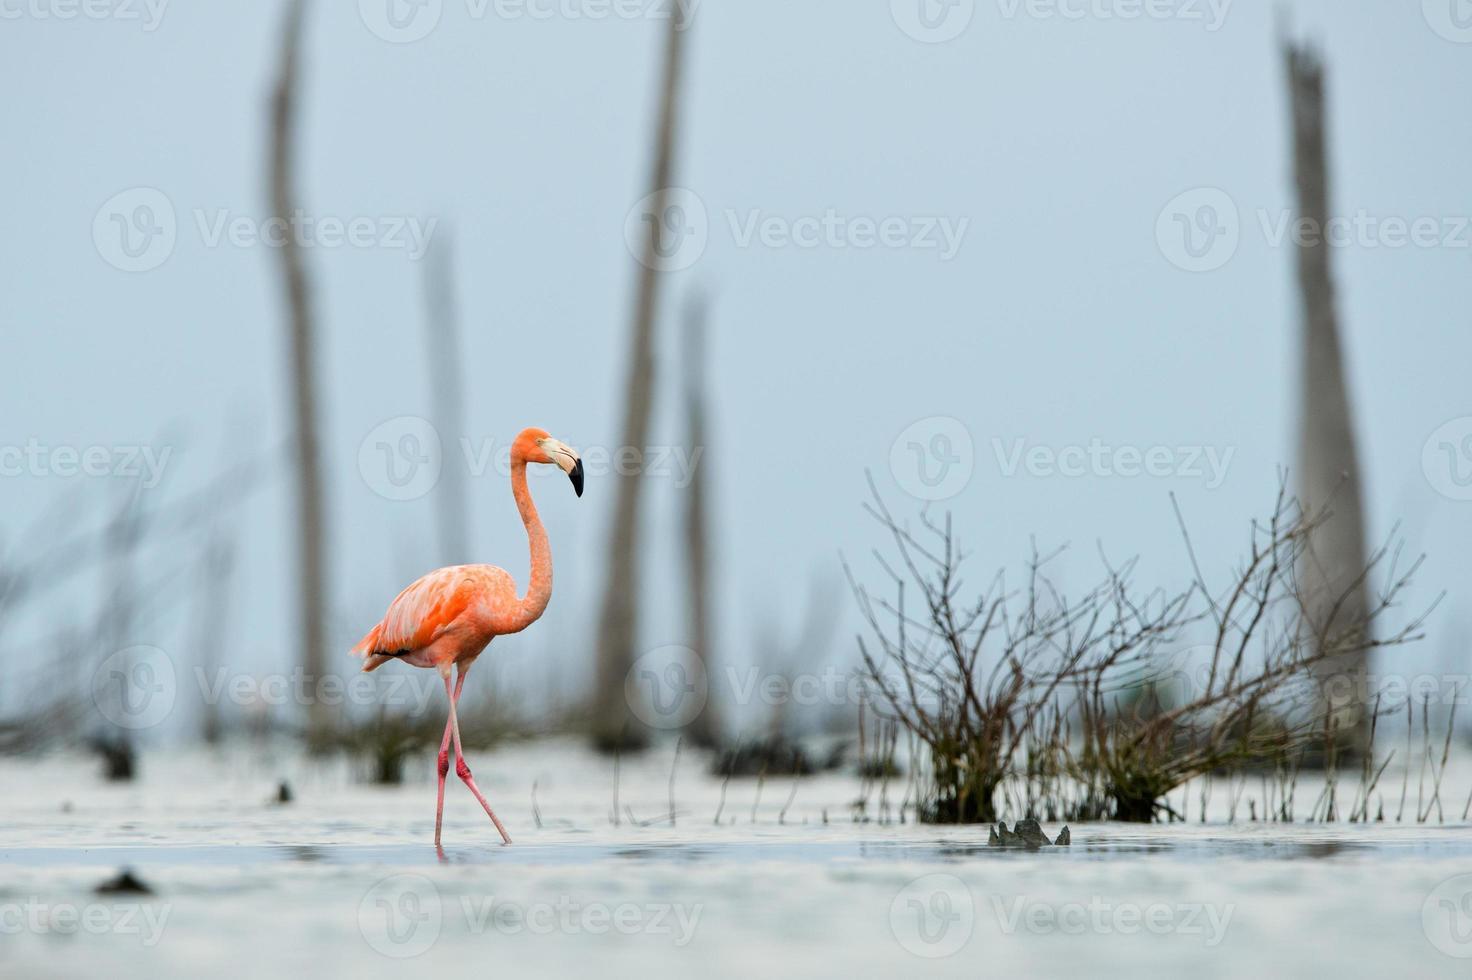 el flamenco rosado del caribe va al agua. foto